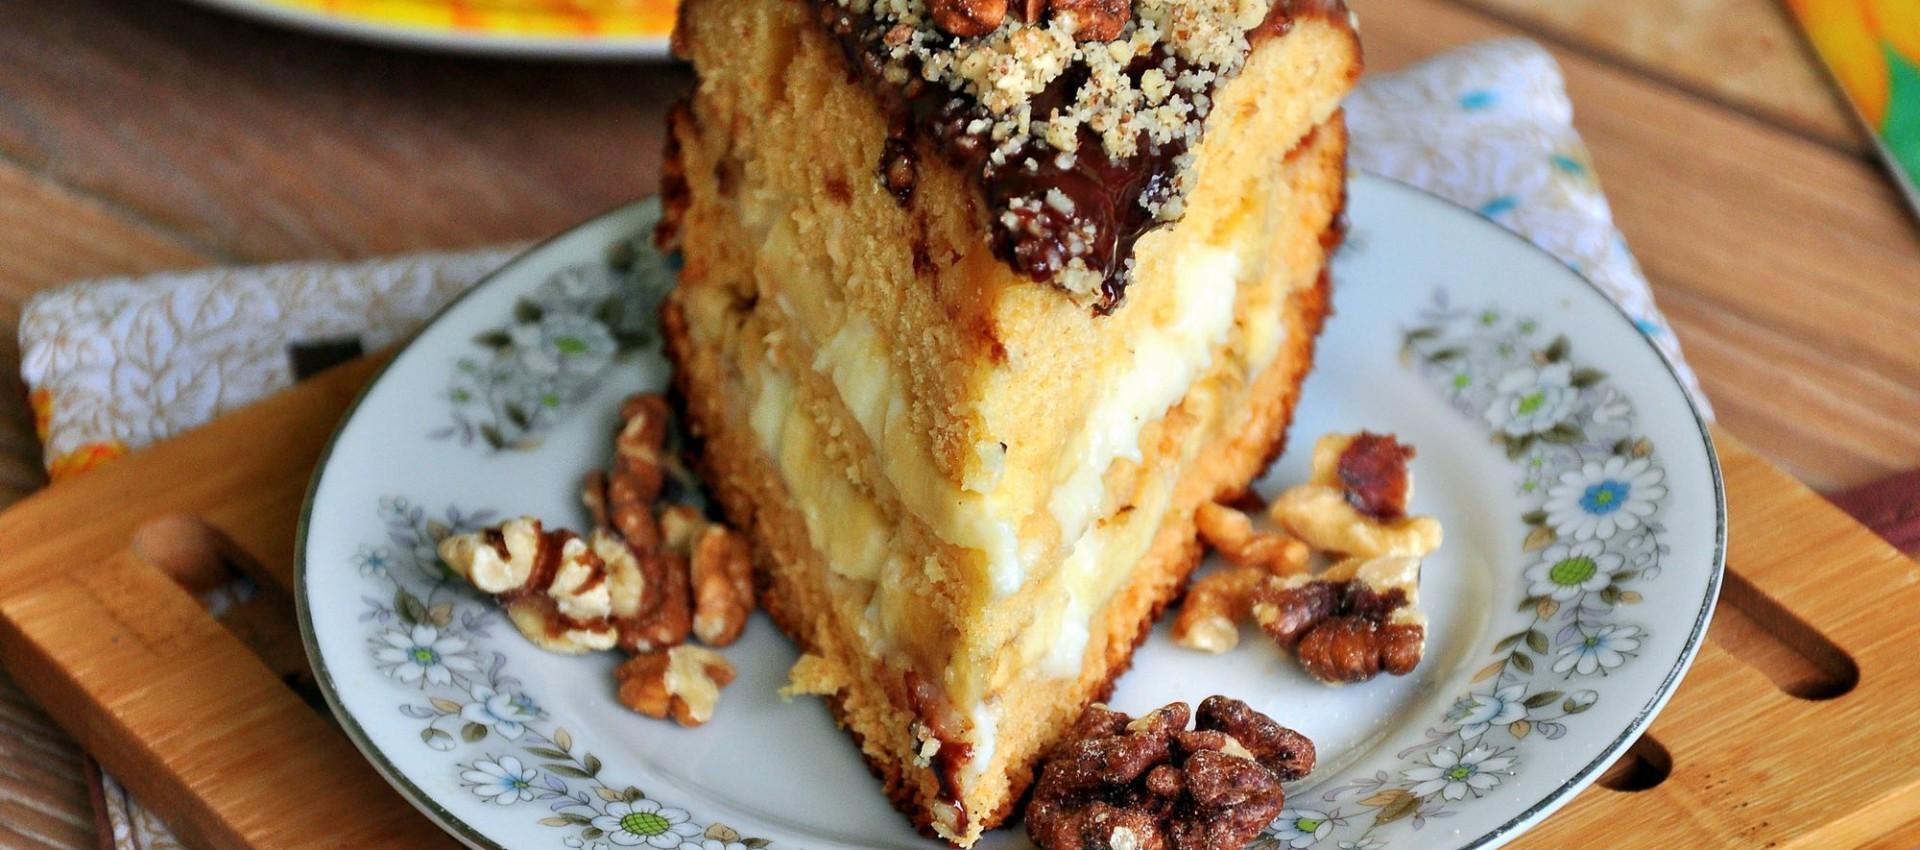 Бисквит на меду пошаговый рецепт